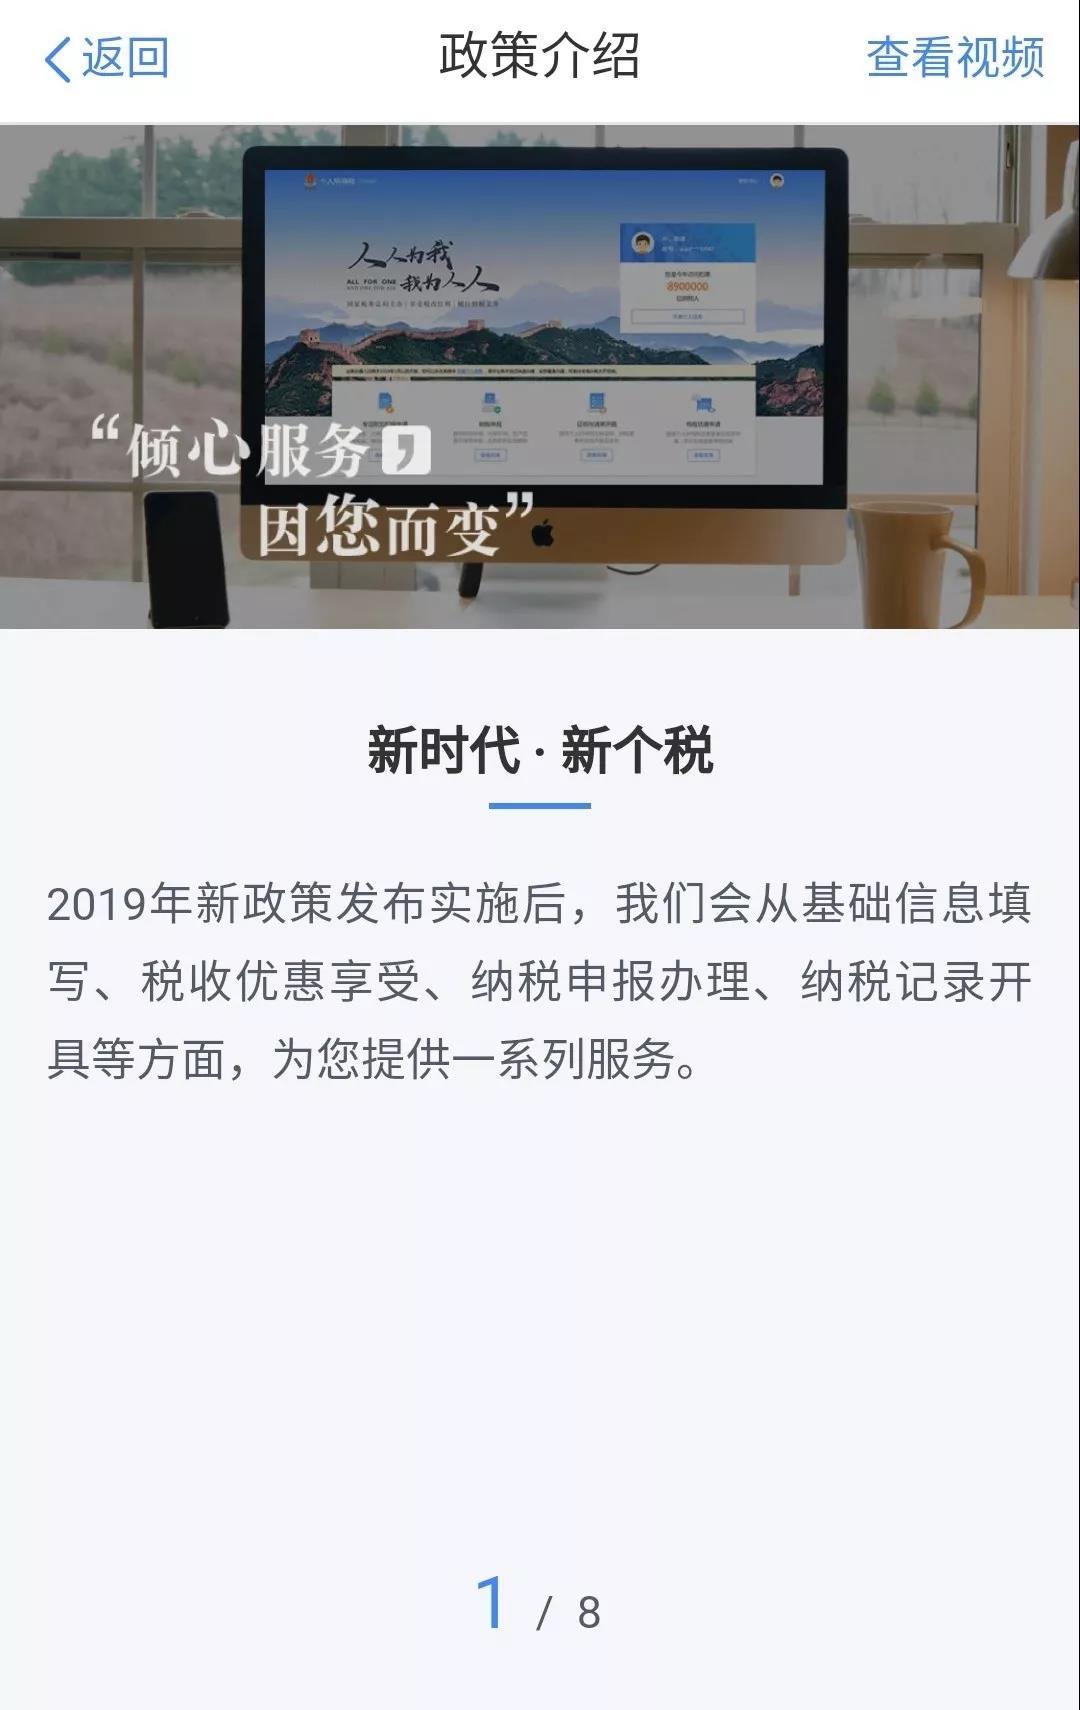 【诚展HR干货】2019年新版个税APP使用说明详解